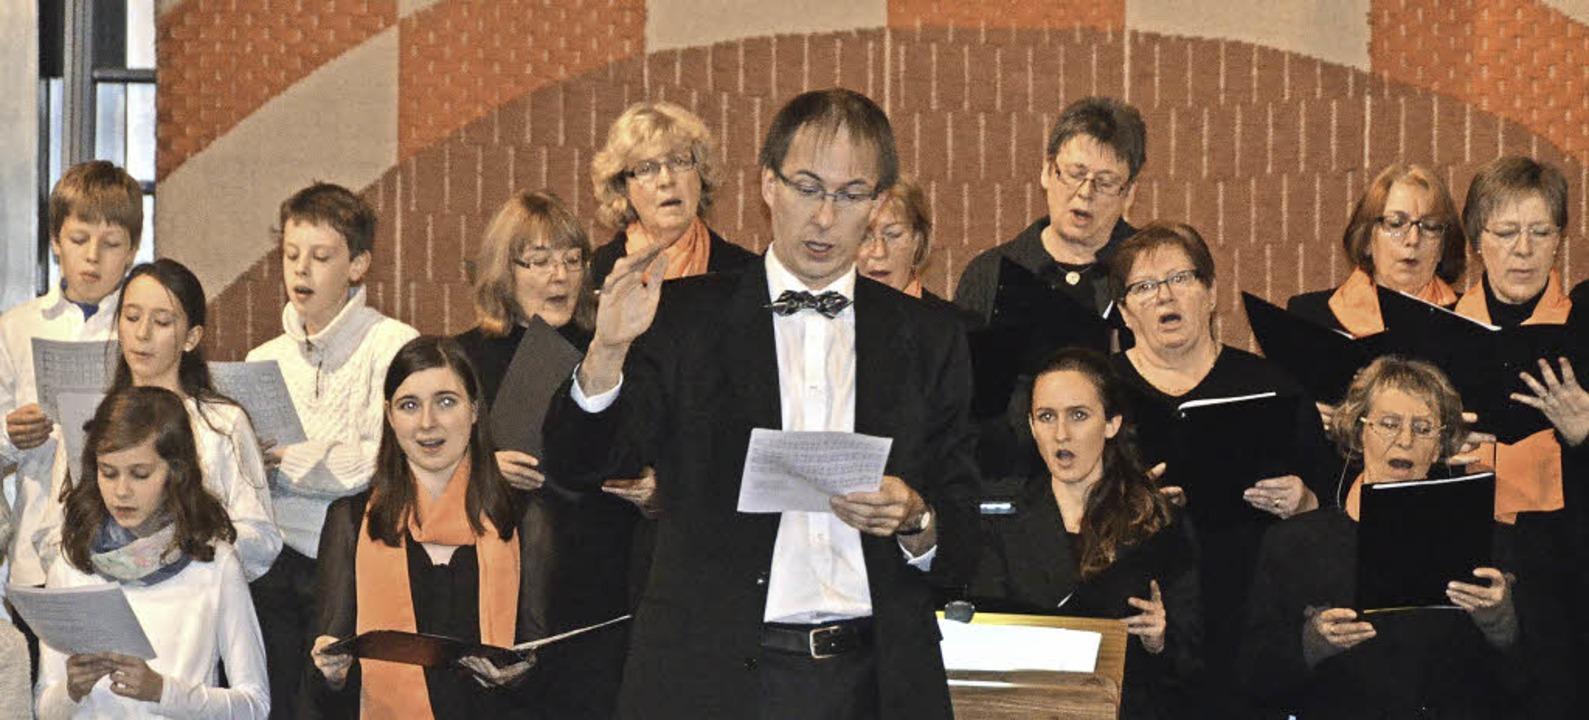 Dirigent Haller mit Kammerchor und Schülern  | Foto: Michael Gottstein